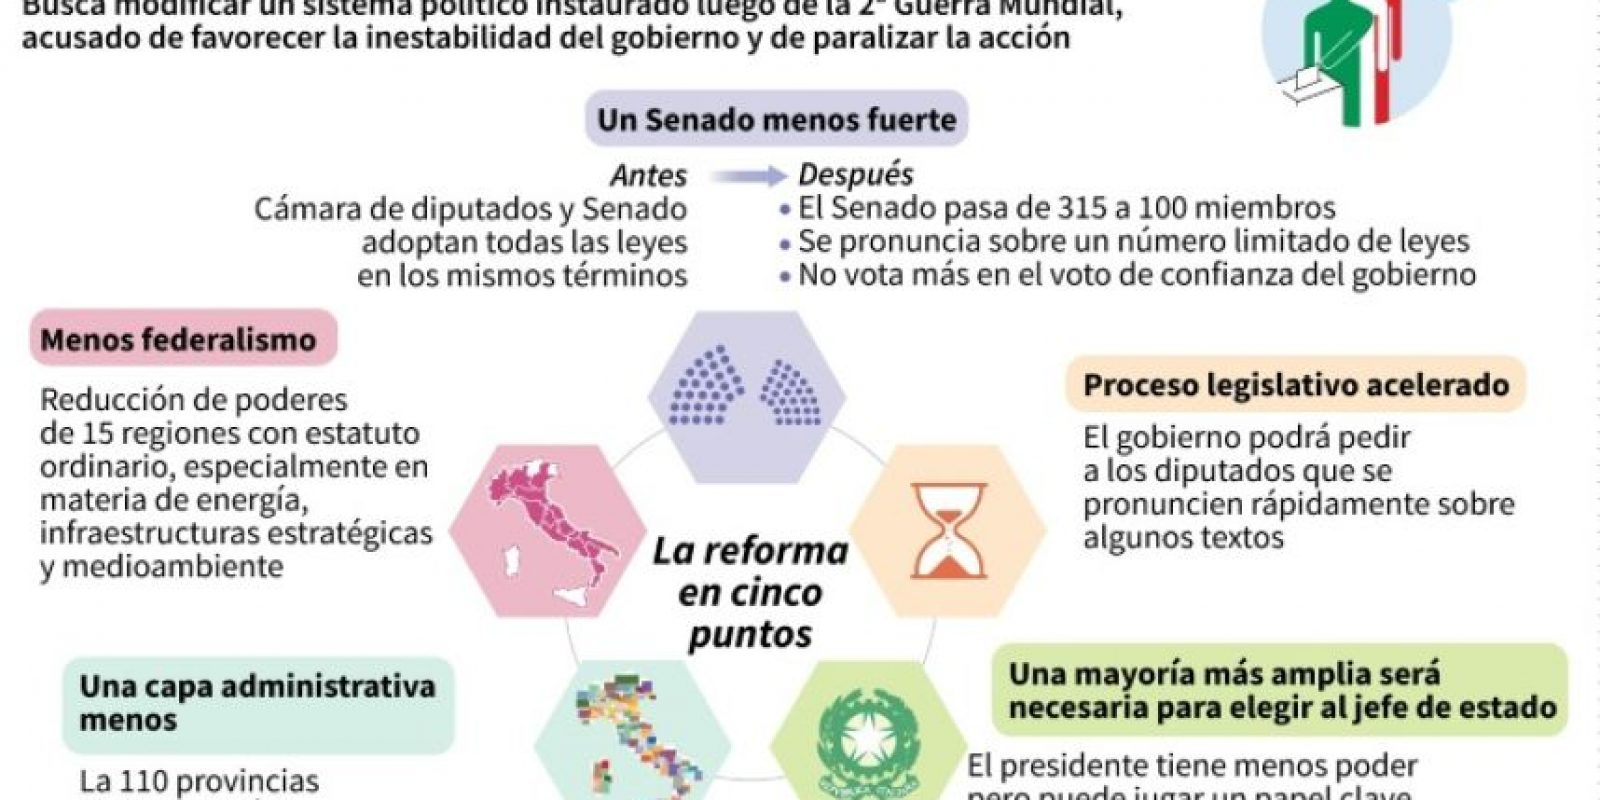 Los puntos clave del proyecto de reforma constitucional en Italia Foto:Aude GENET, Valentina BRESCHI/afp.com